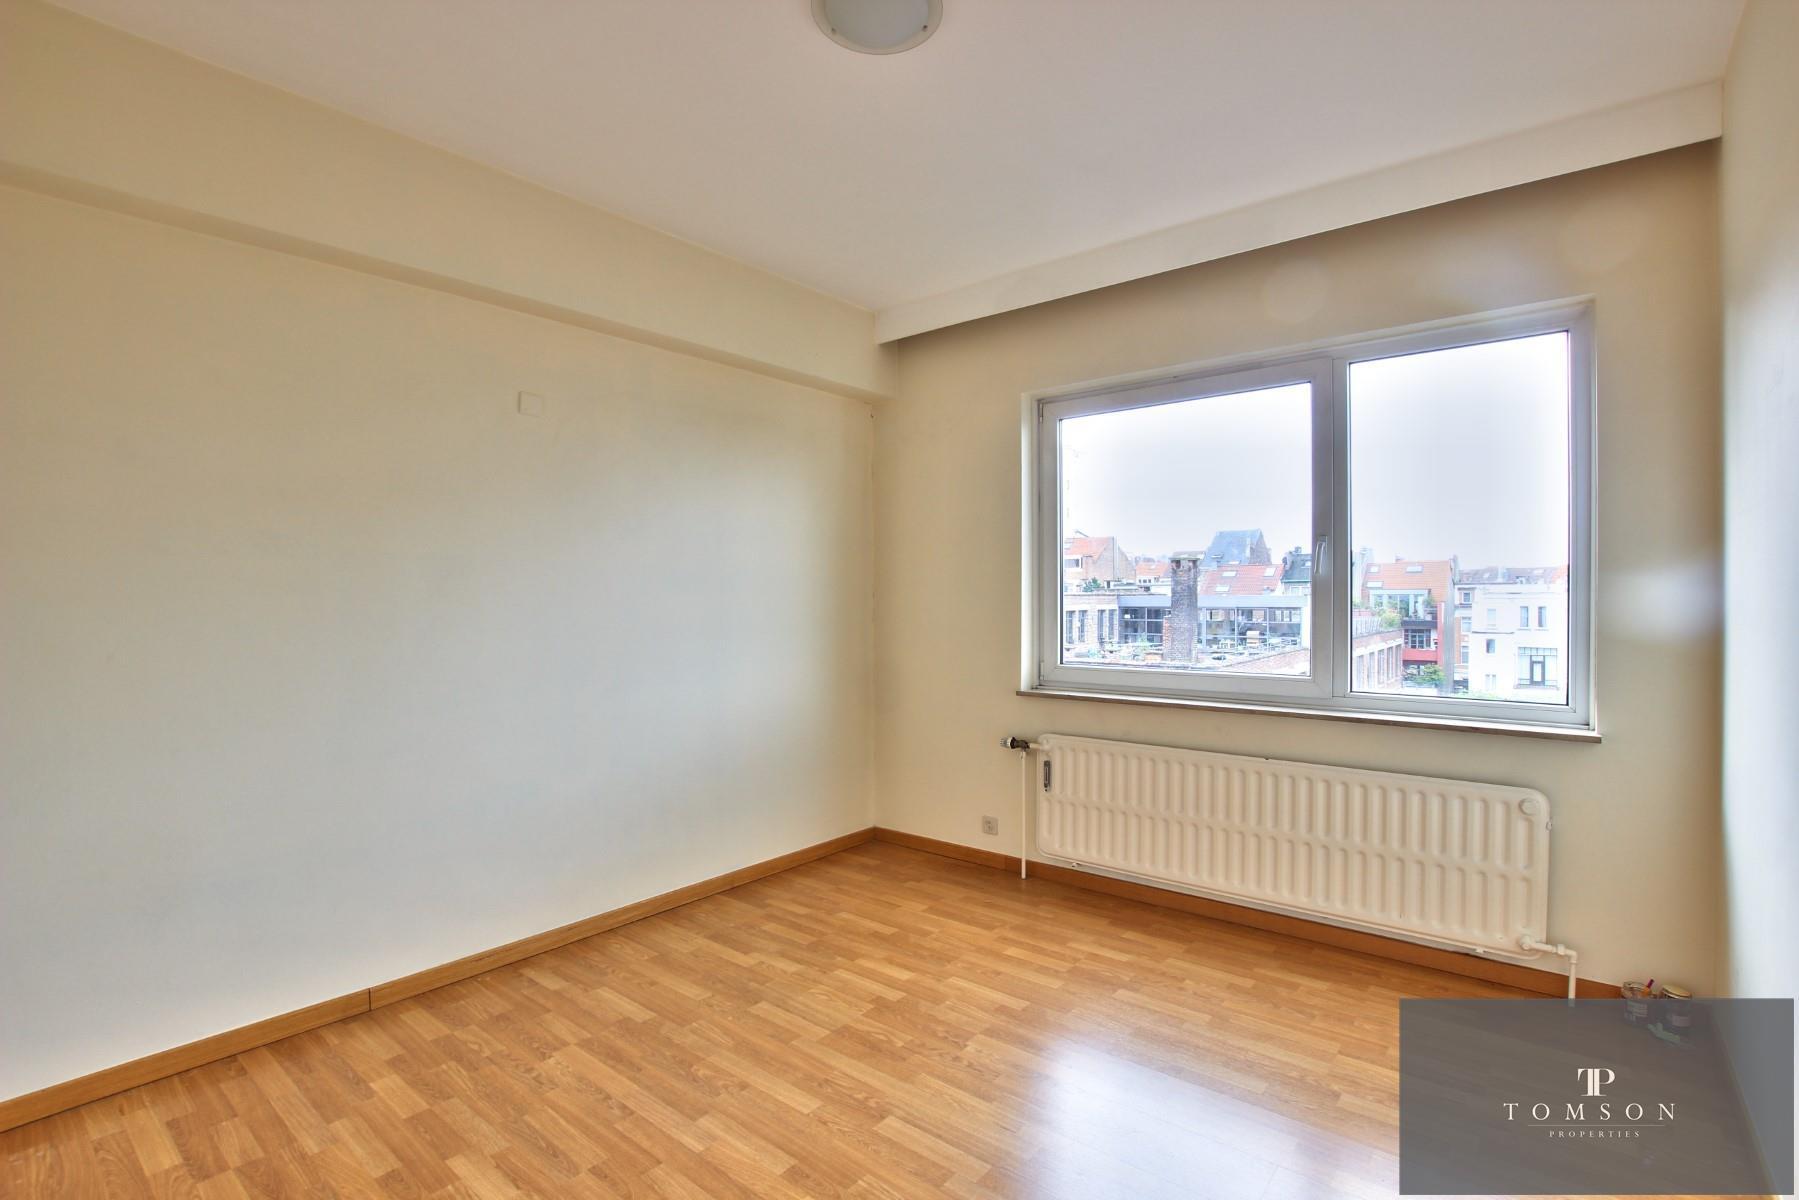 Appartement - Schaerbeek - #4496040-6